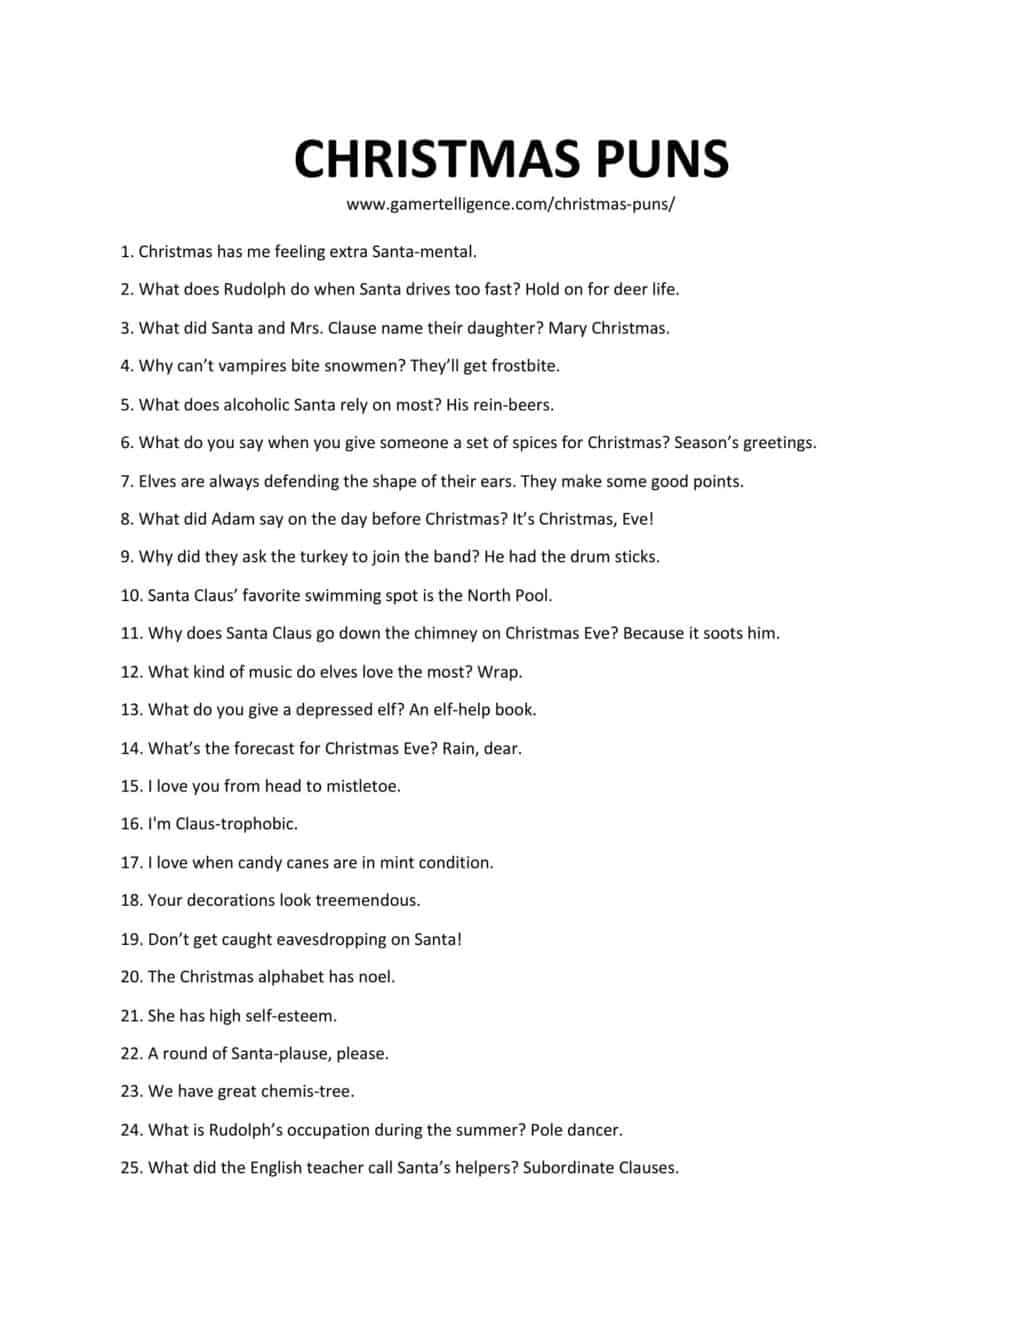 Downloadable and printable jpg/pdf list of Christmas puns